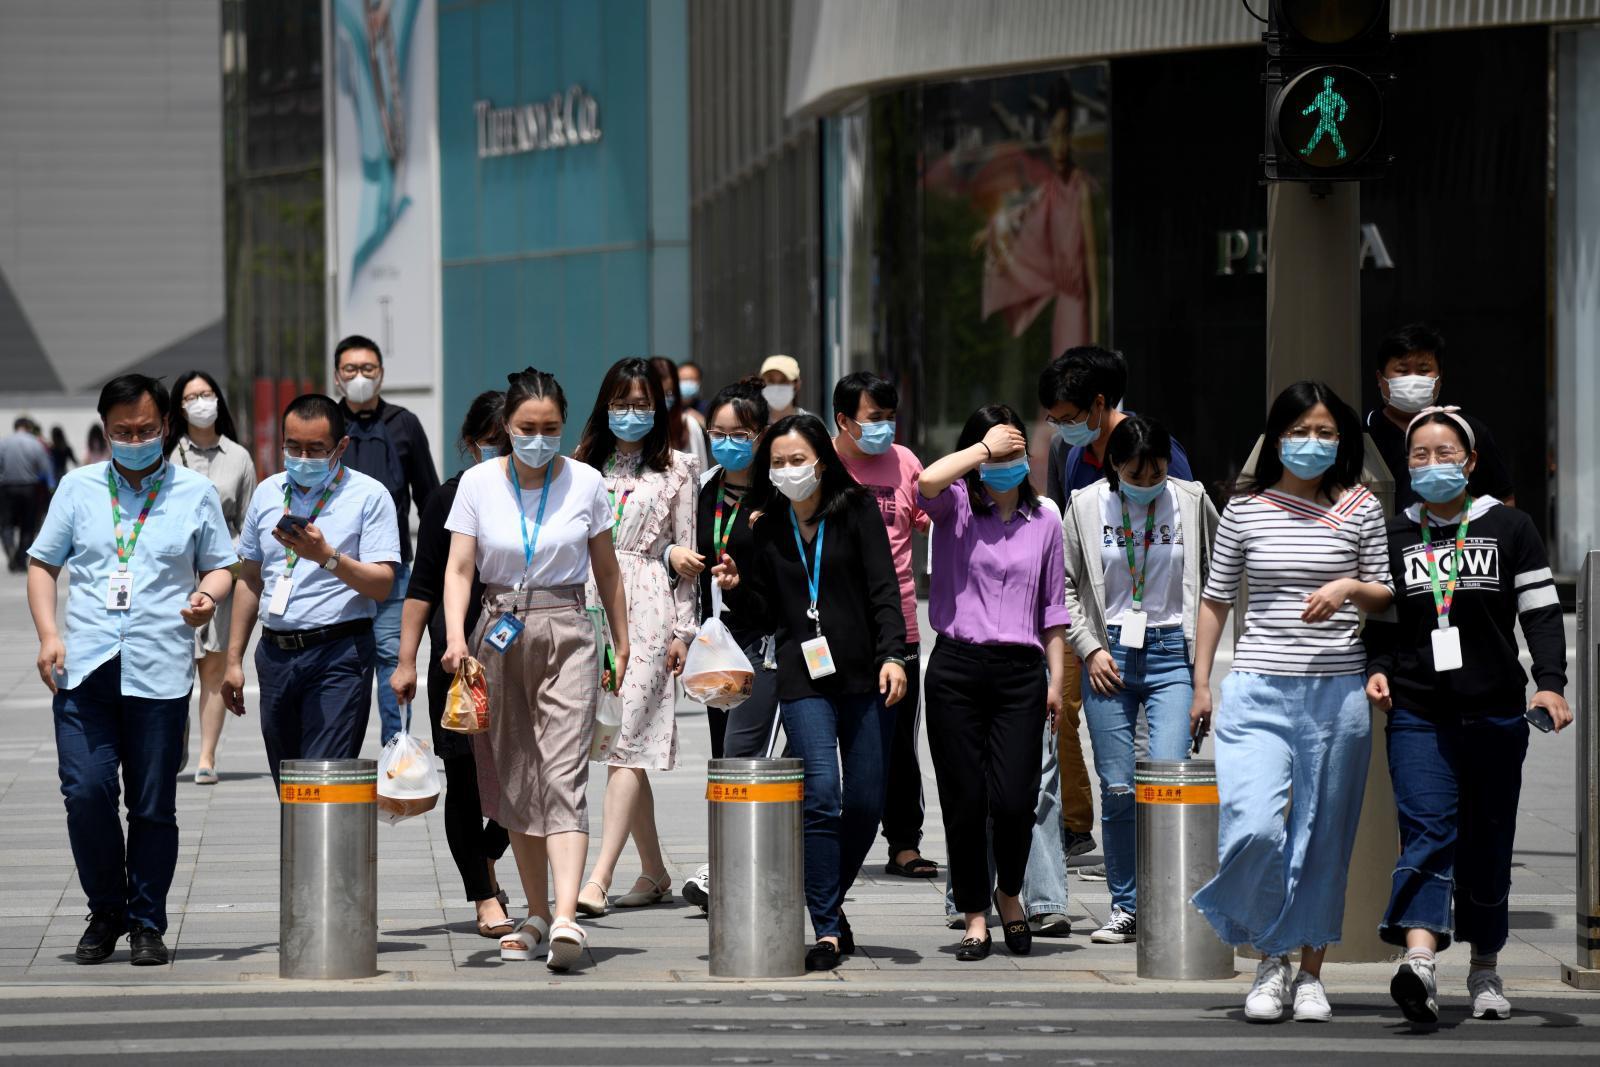 การระบาดครั้งใหม่ของโควิด-19 ในจีนแสดงสัญญาณว่าไวรัสกำลังเปลี่ยนไป